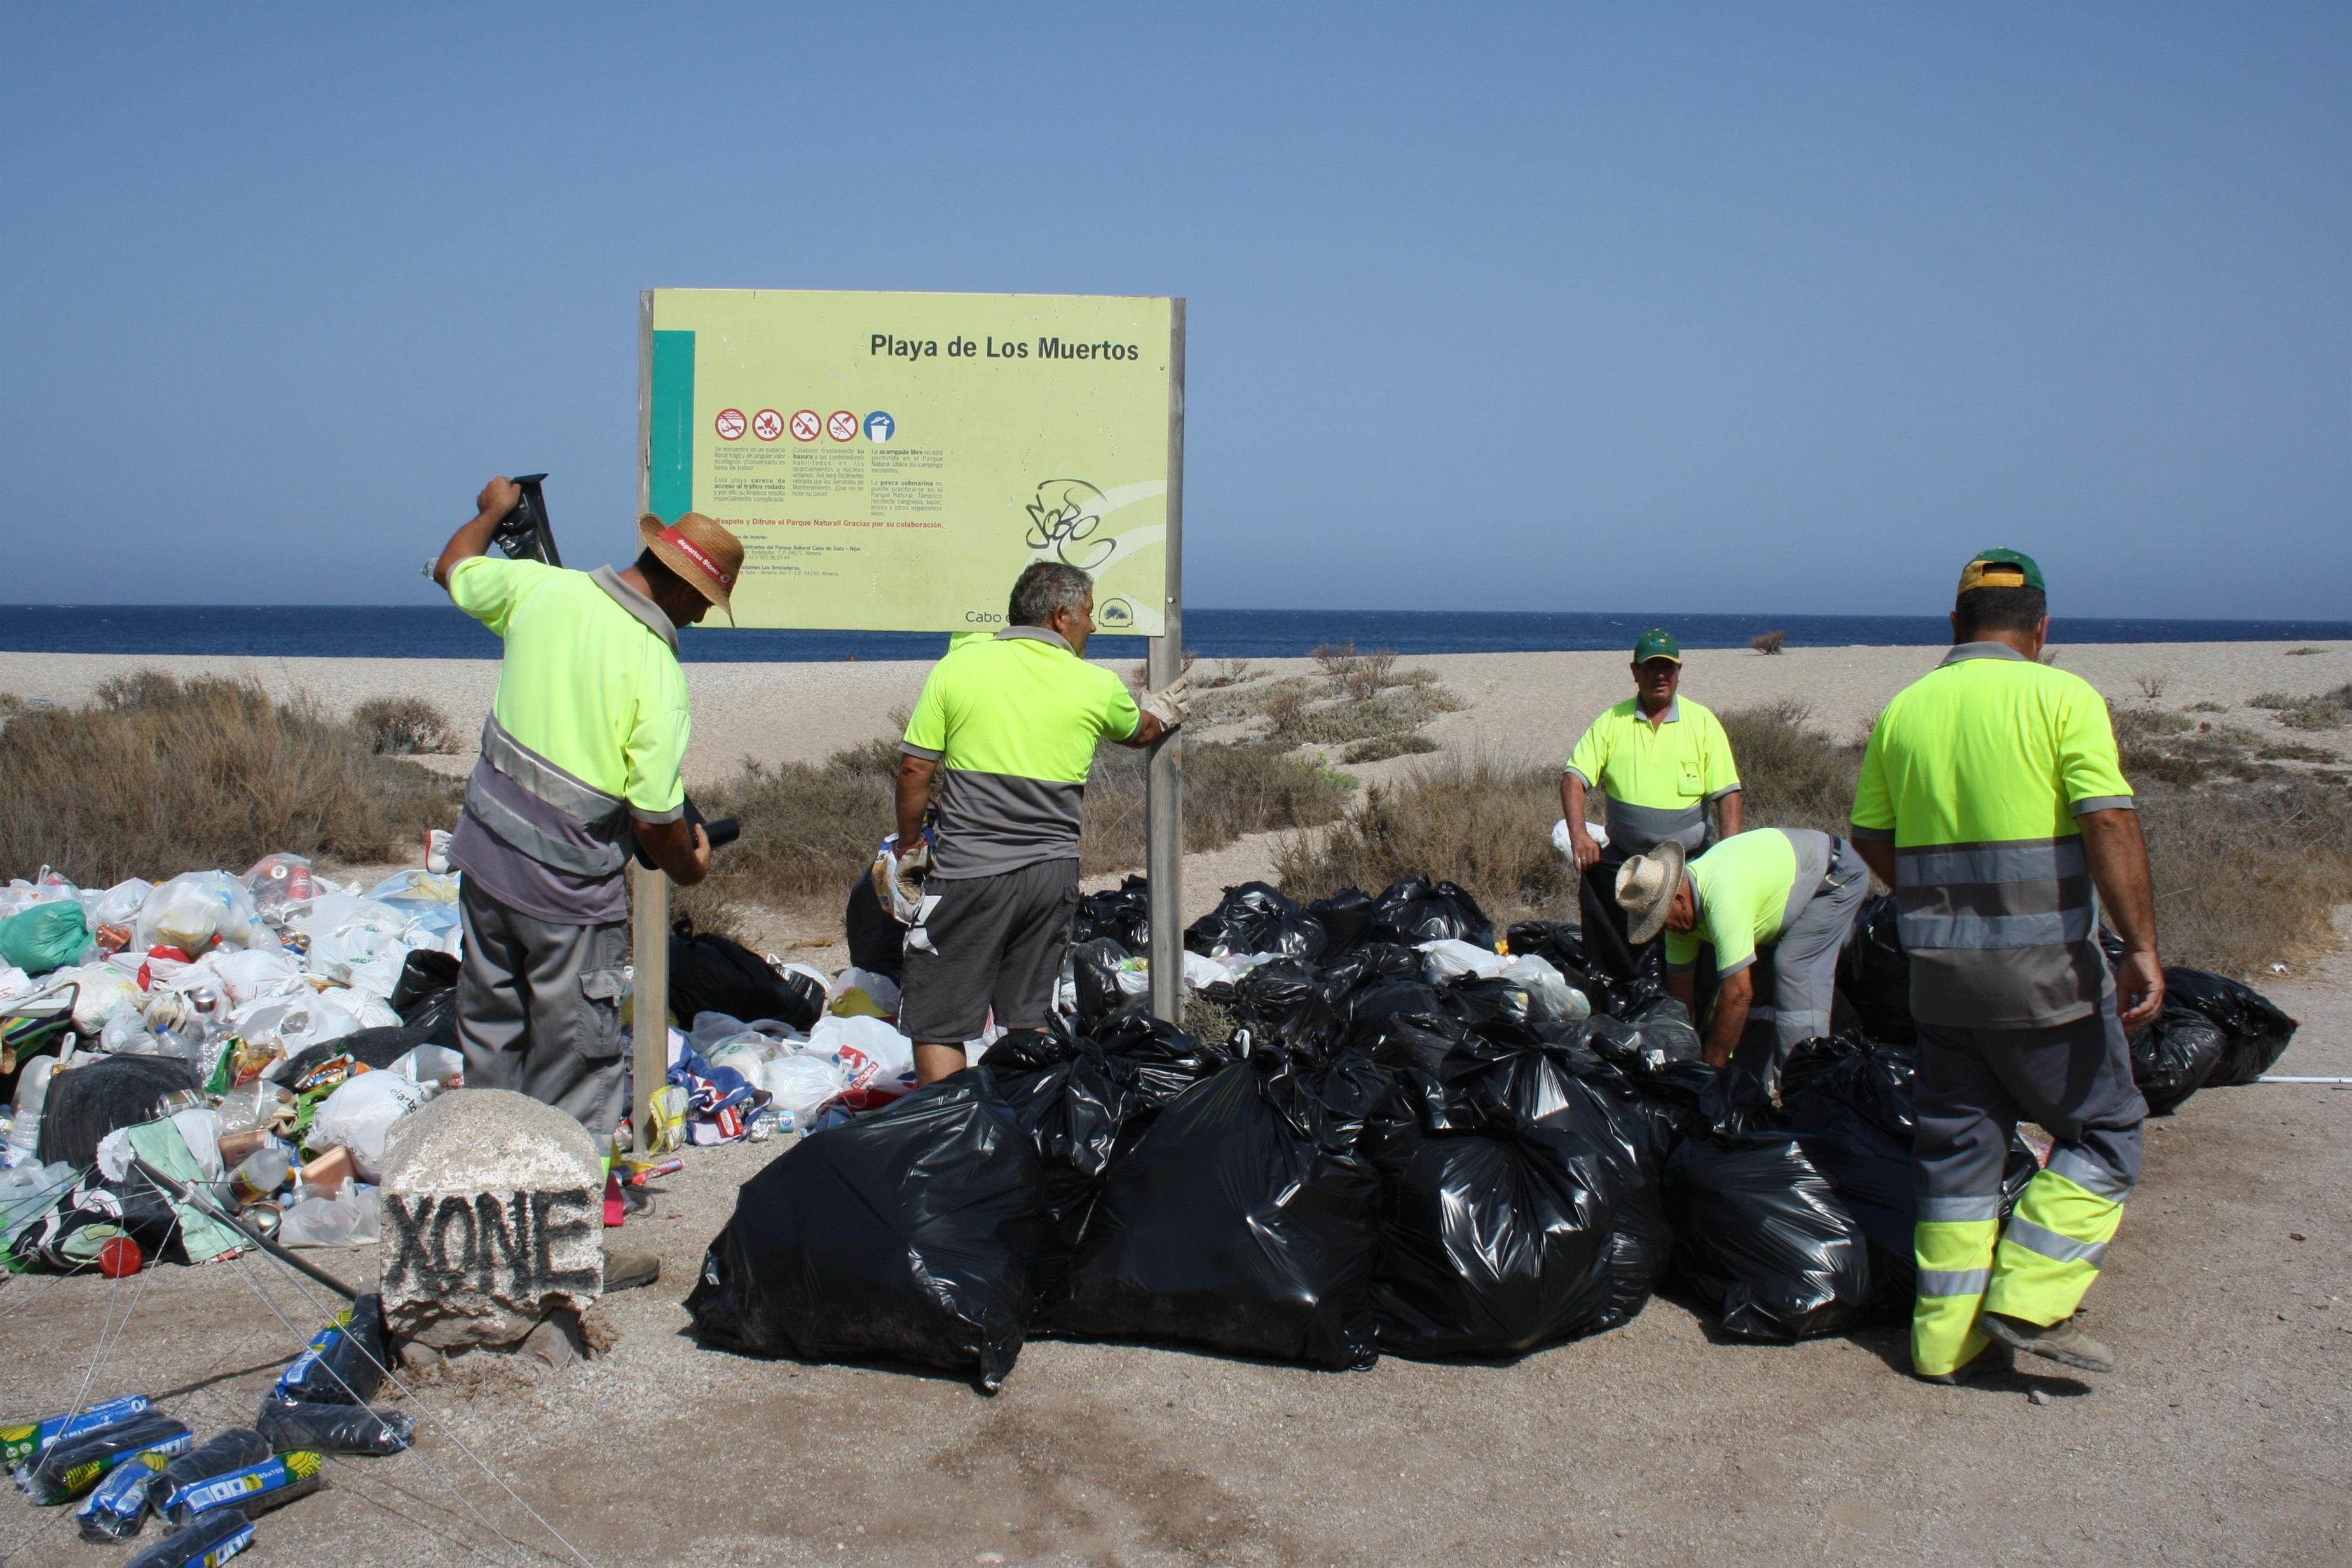 El Ayuntamiento de Carboneras «redobla» esfuerzos para limpiar diariamente la Playa de los Muertos